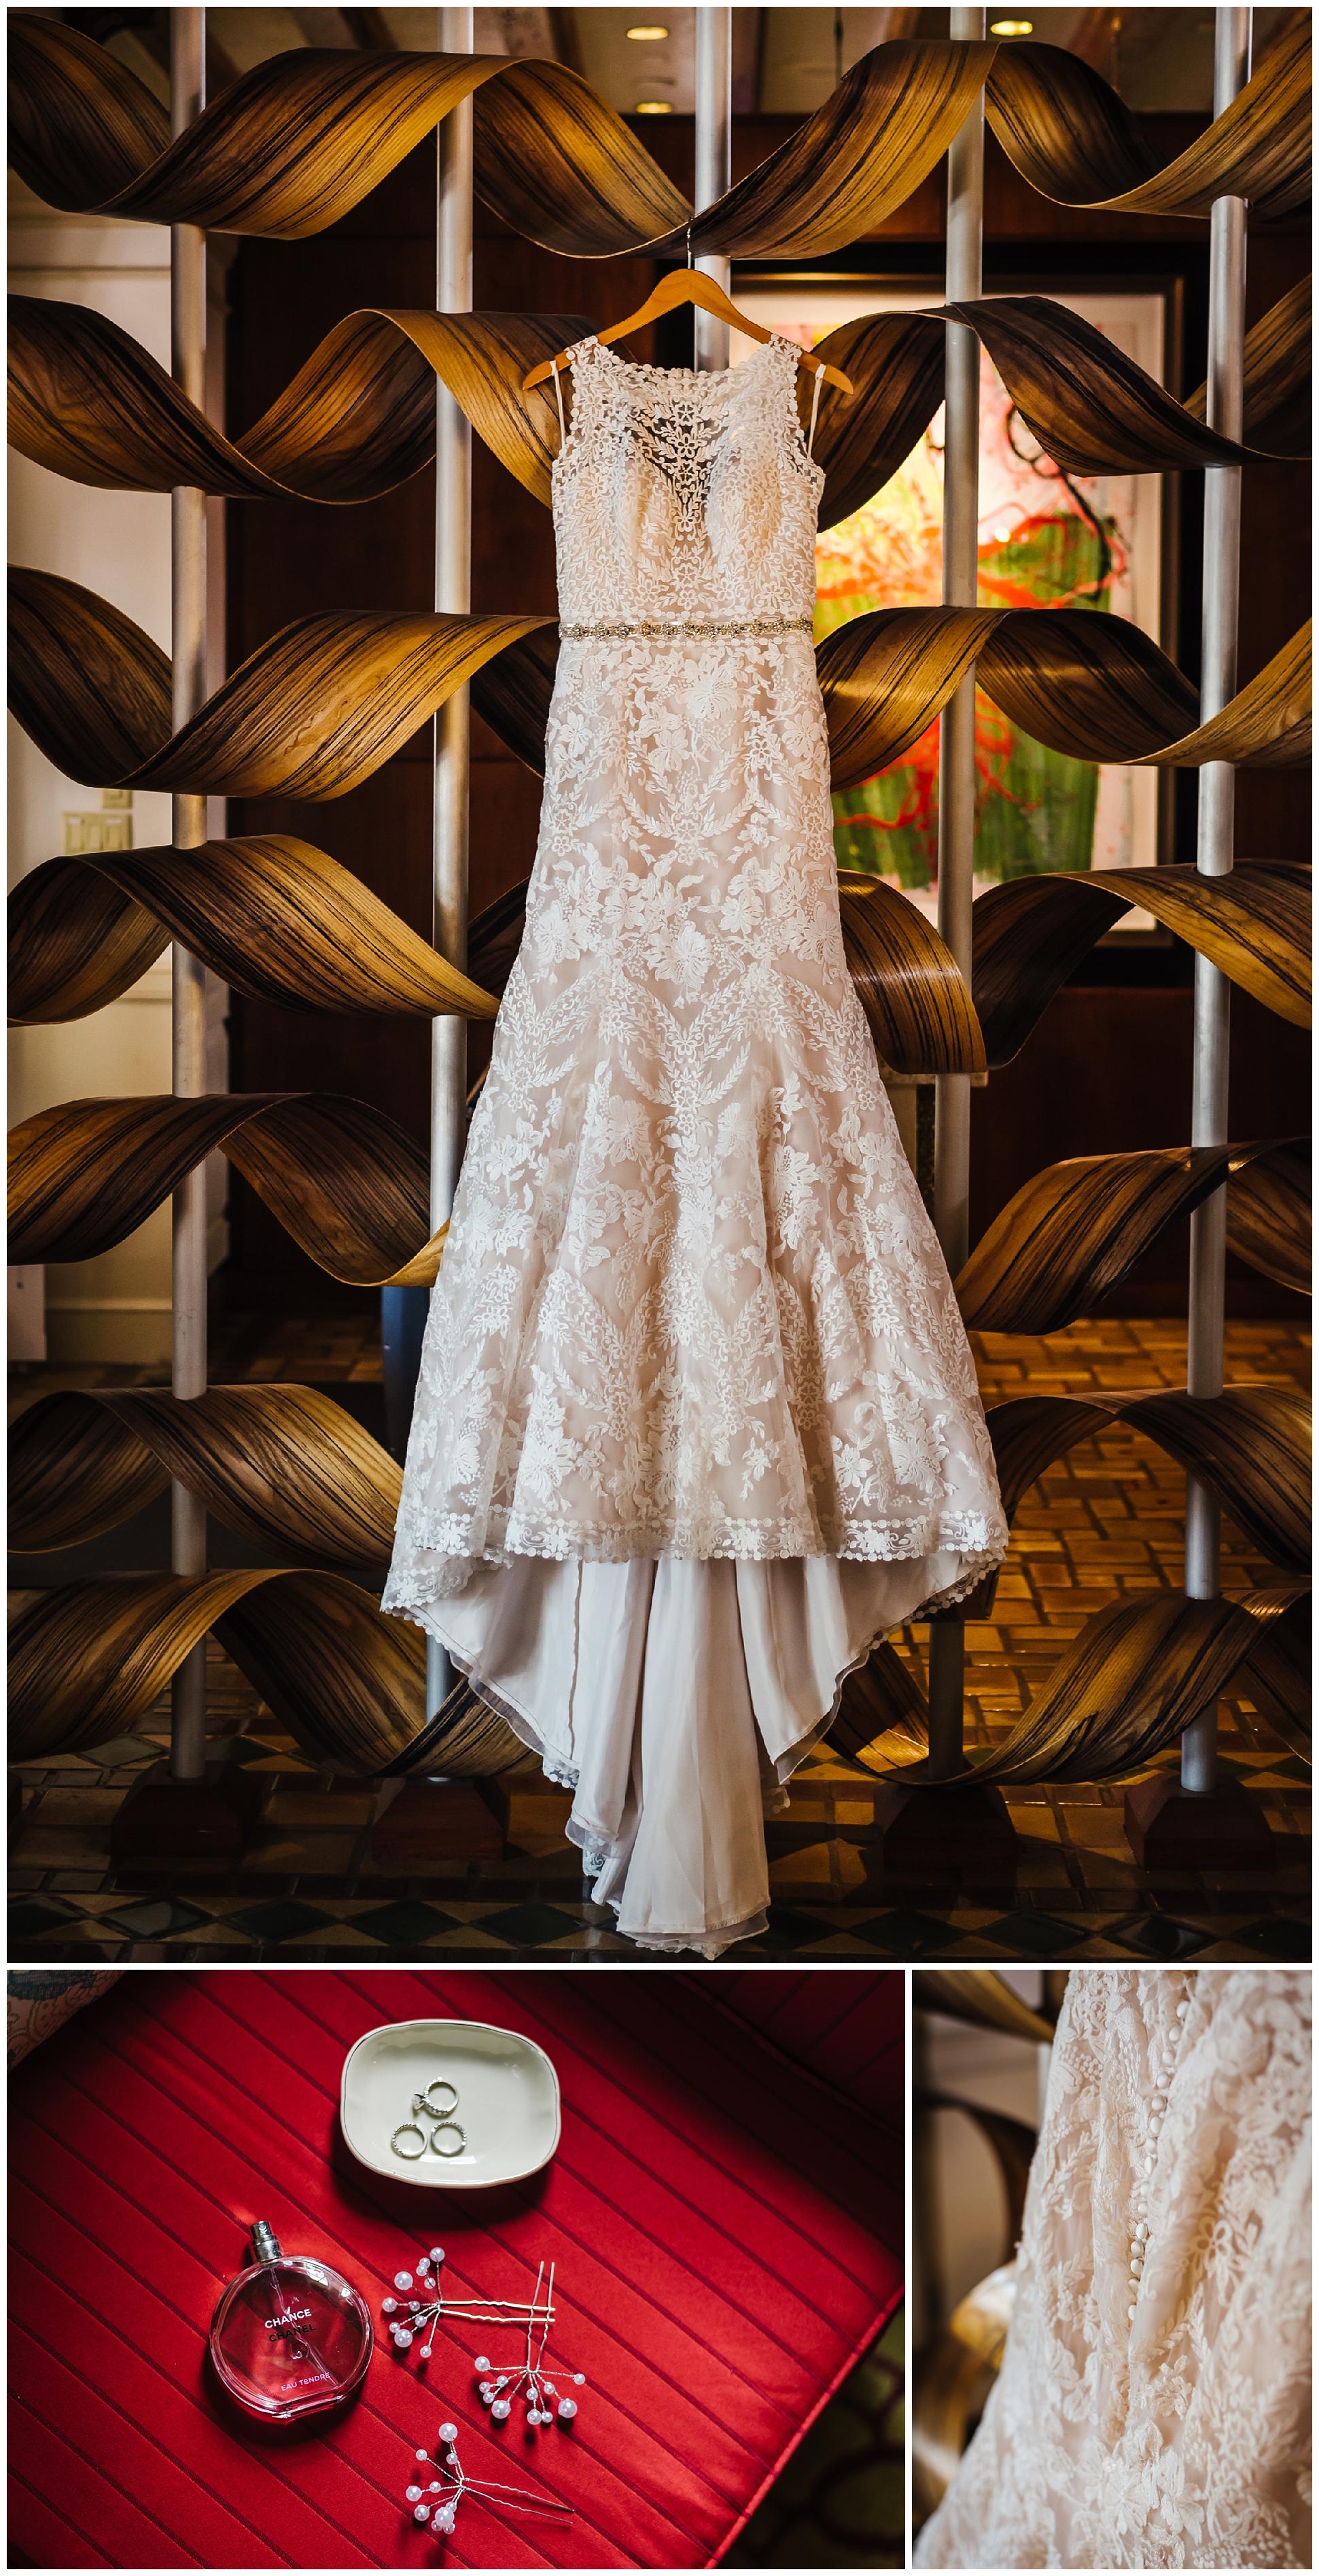 st-pete-wedding-photographer-nova-535-murals-downtown-lavendar_0003.jpg